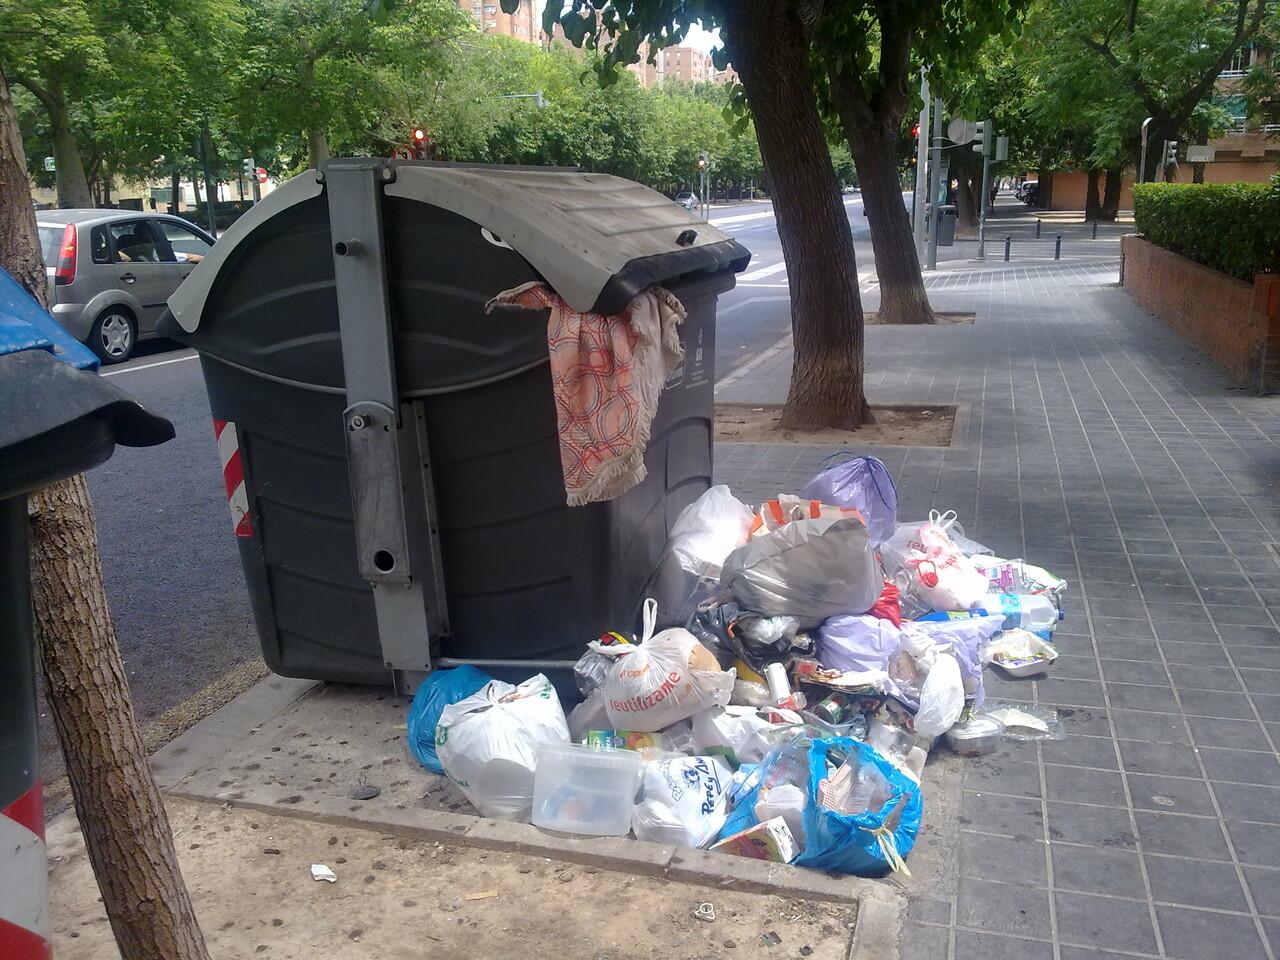 Los vecinos no quieren imágenes como estas en las calles/gms